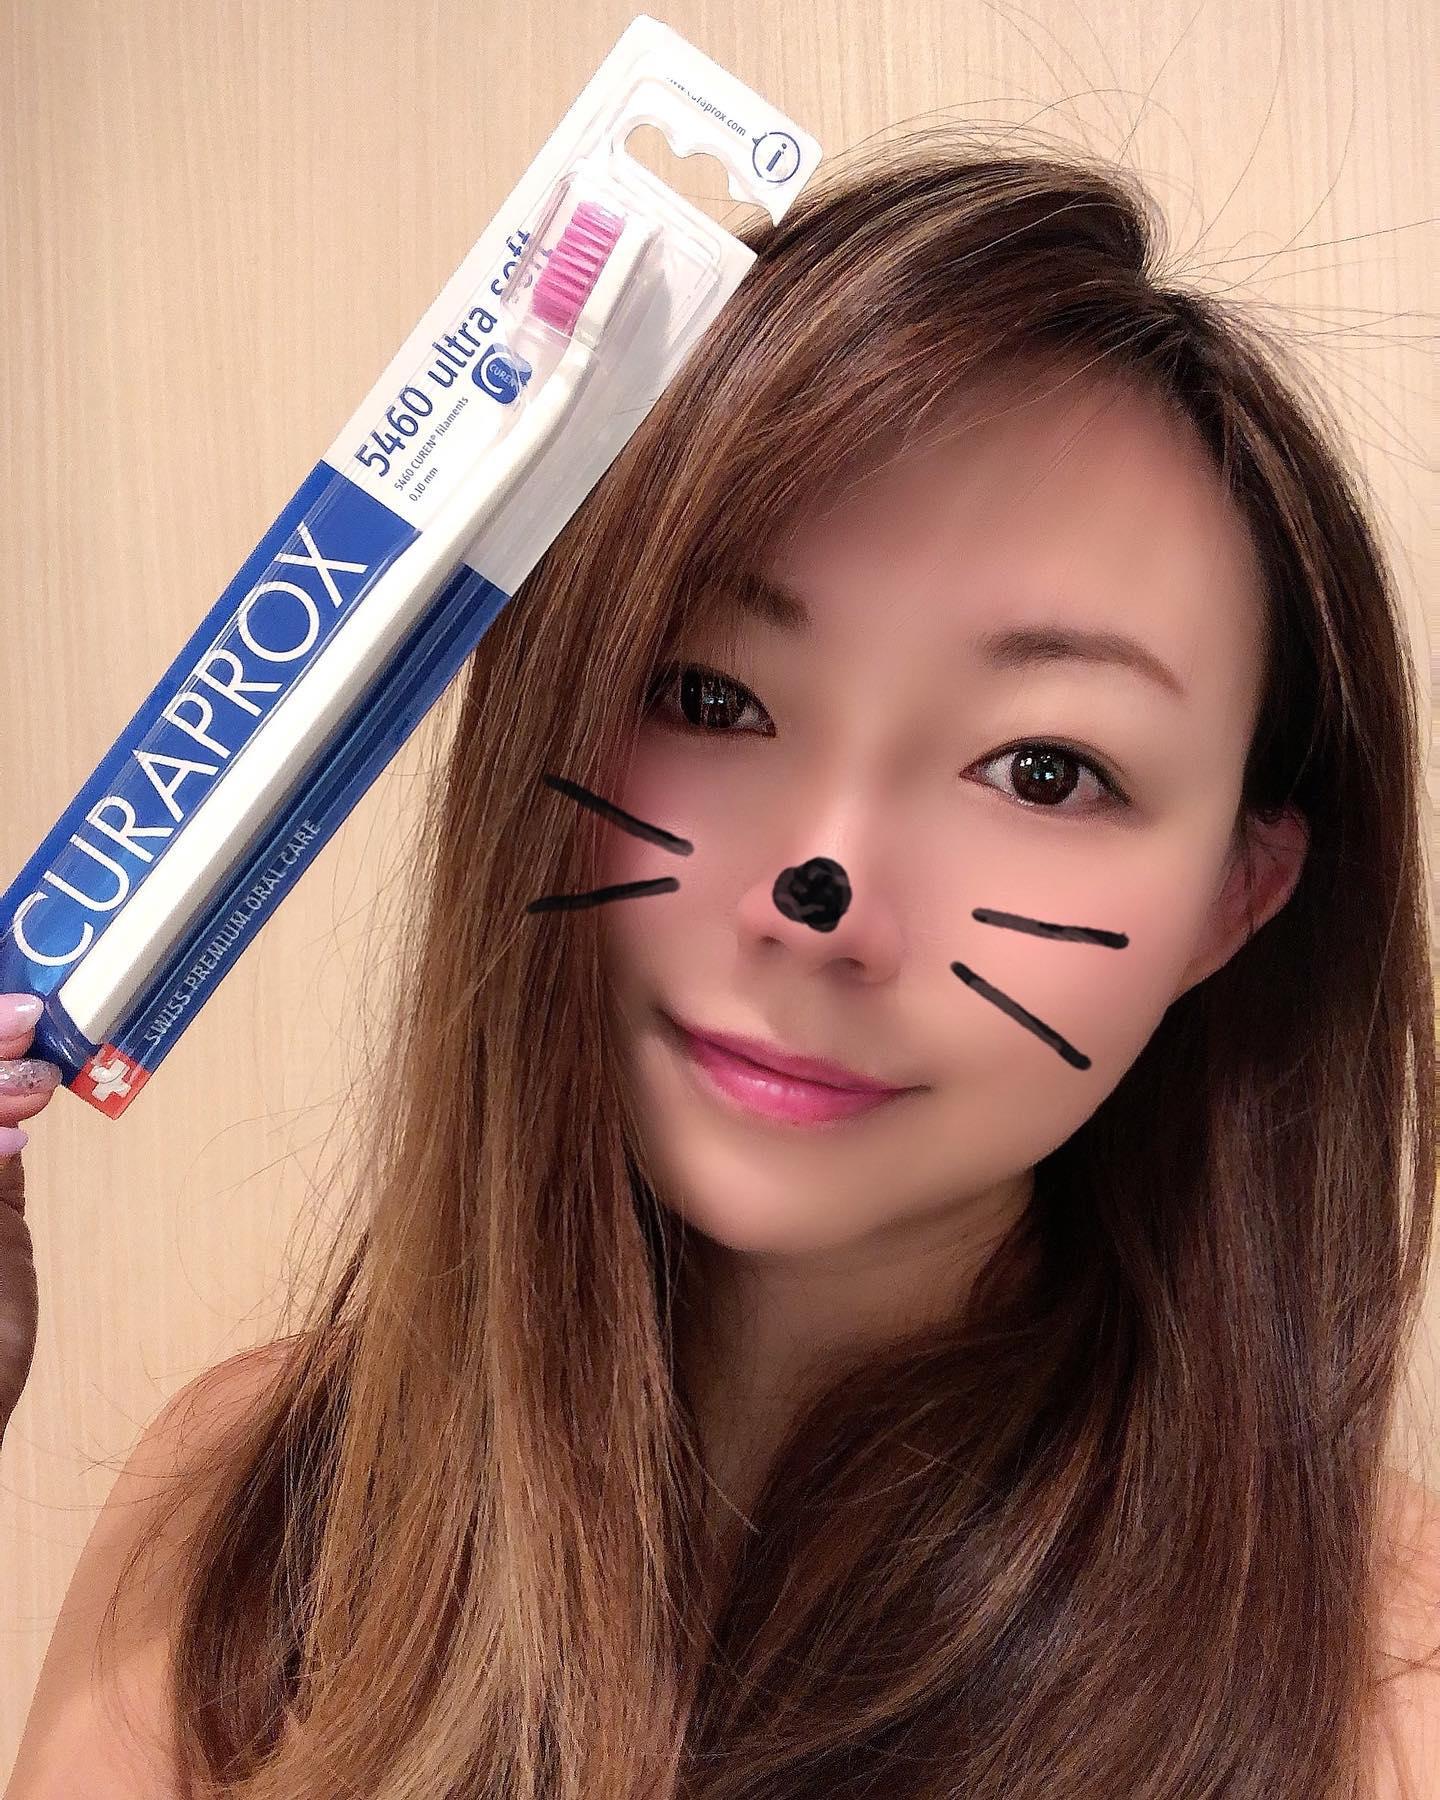 口コミ投稿:HEALTH歯ブラシなんて、普段適当に薬局で買うんだけど今回はスイスのプレミアム歯…